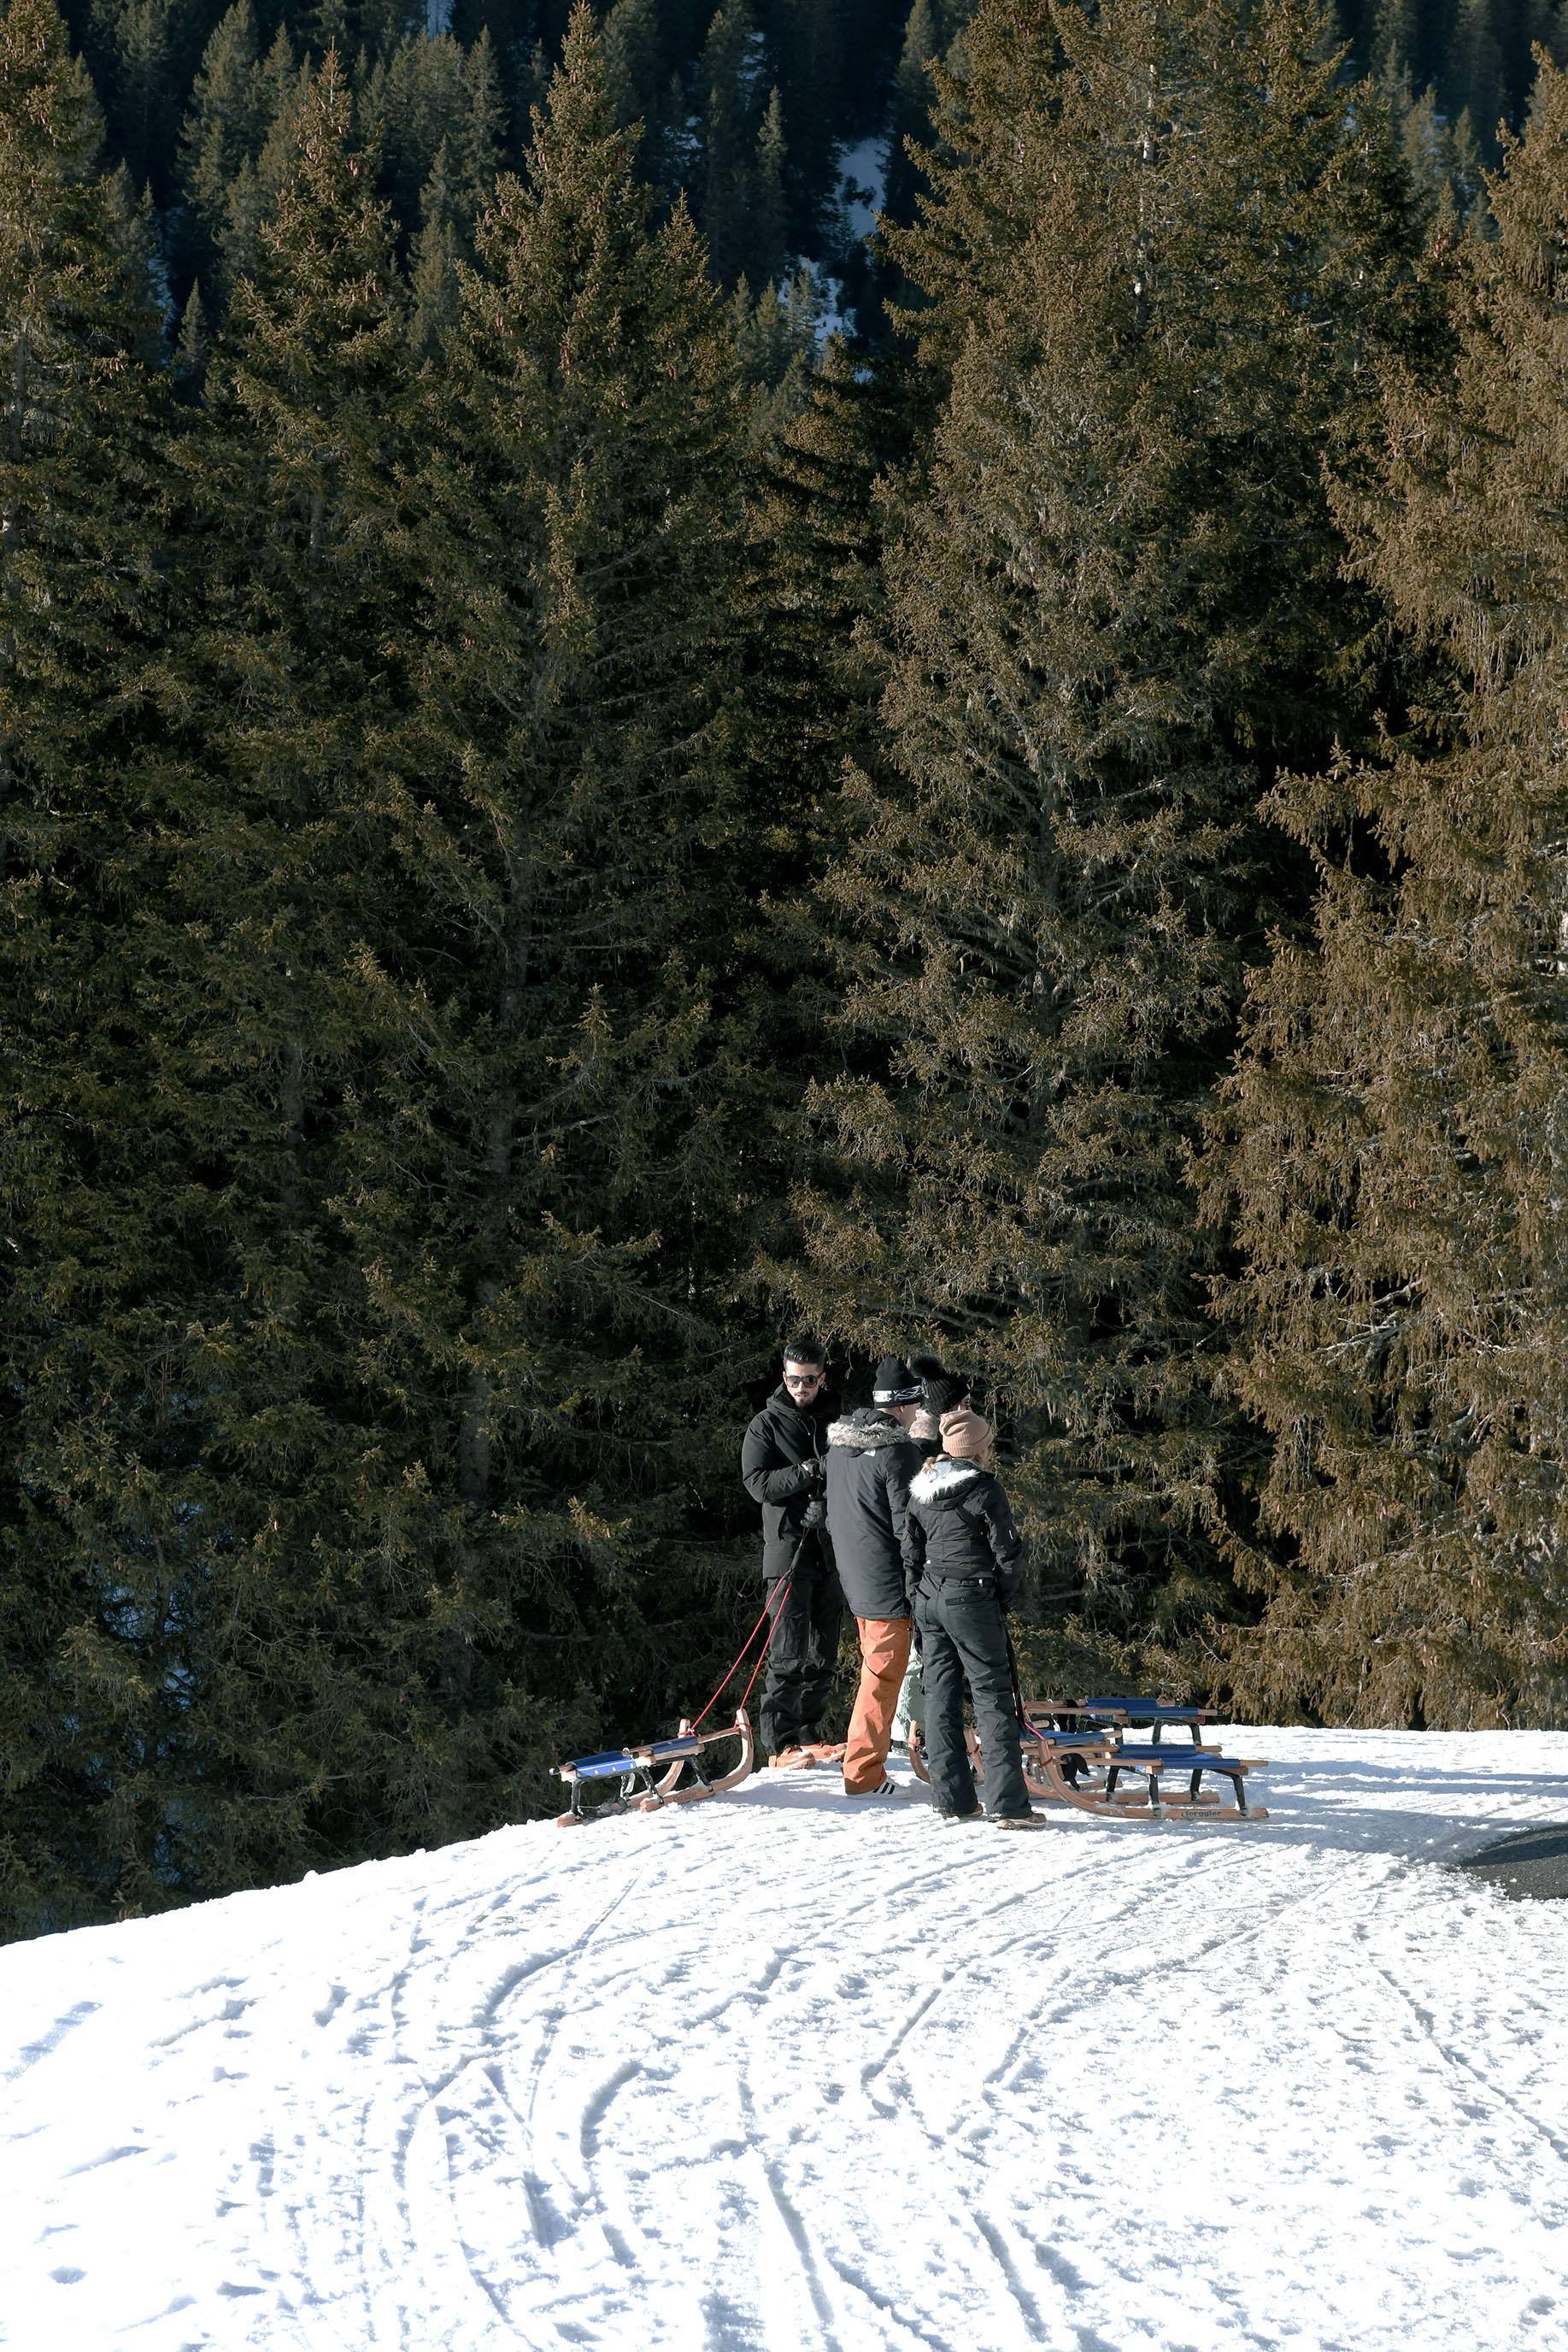 像黑鳥般翱翔,在雪白山嶽|瑞士費斯特懸崖天空步道(First cliff walk)